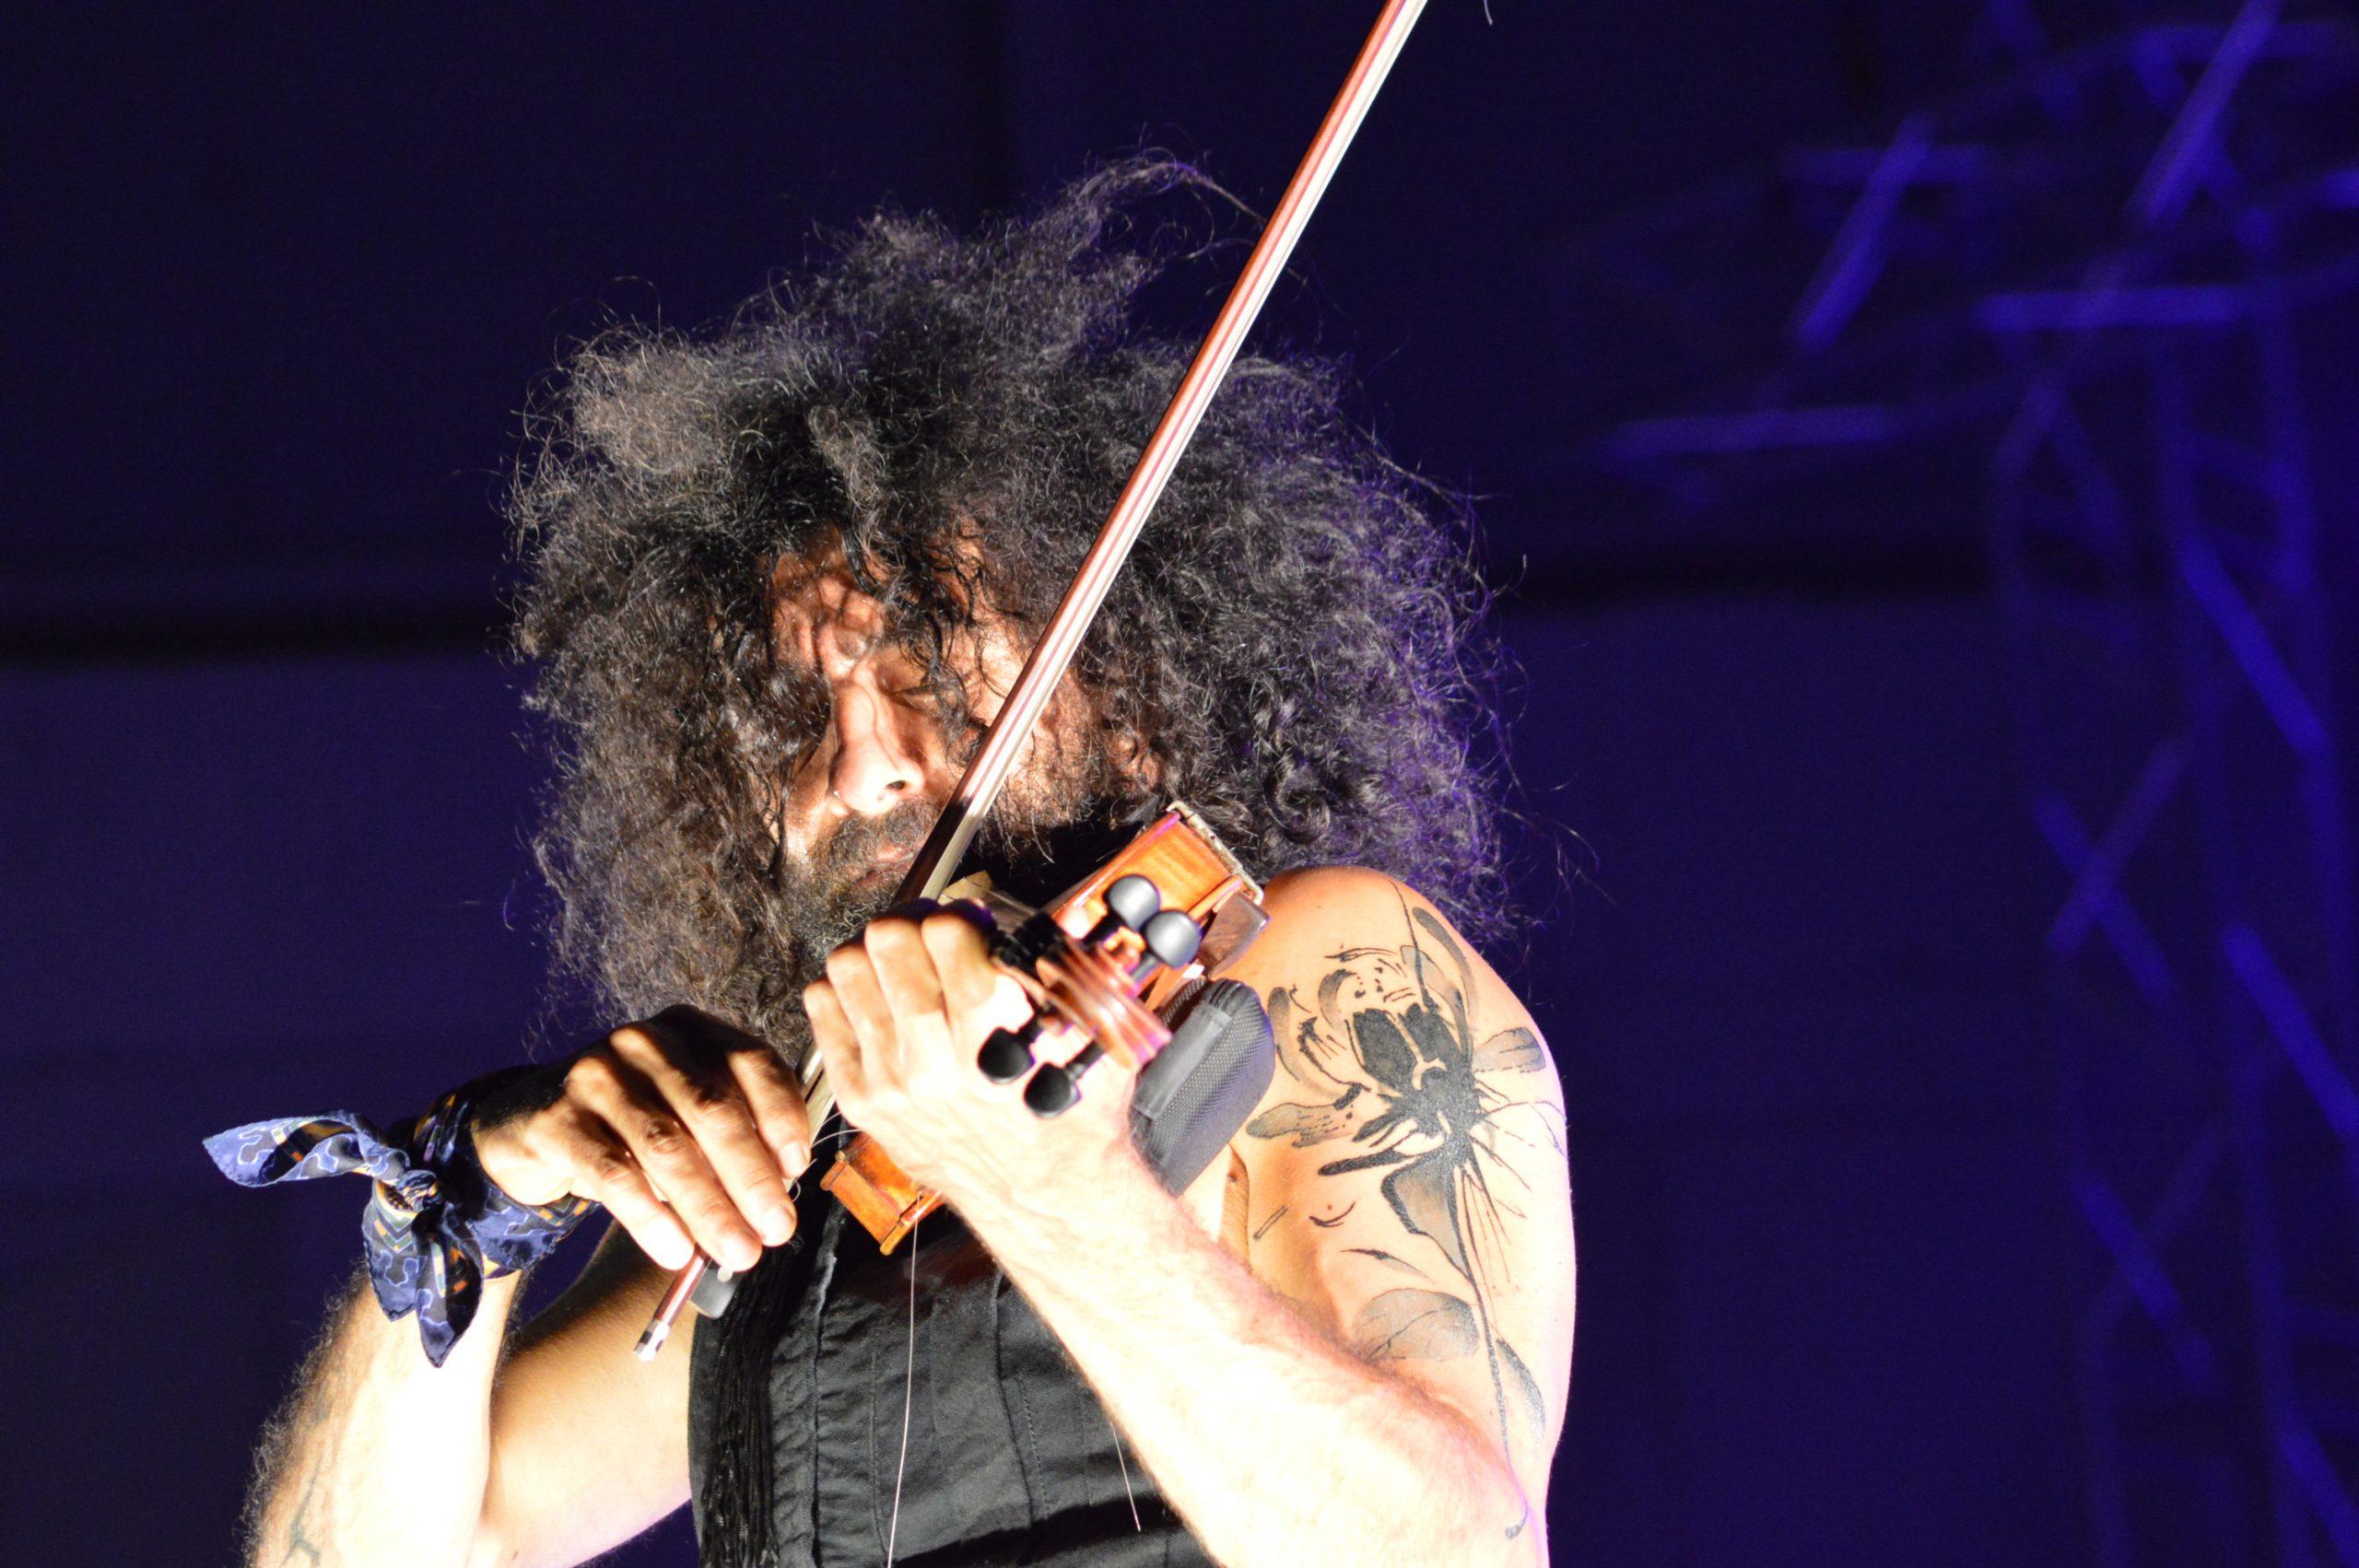 Ara Malikian emociona en su regreso a Ponferrada demostrando una vez más su virtuosismo con el violín 27